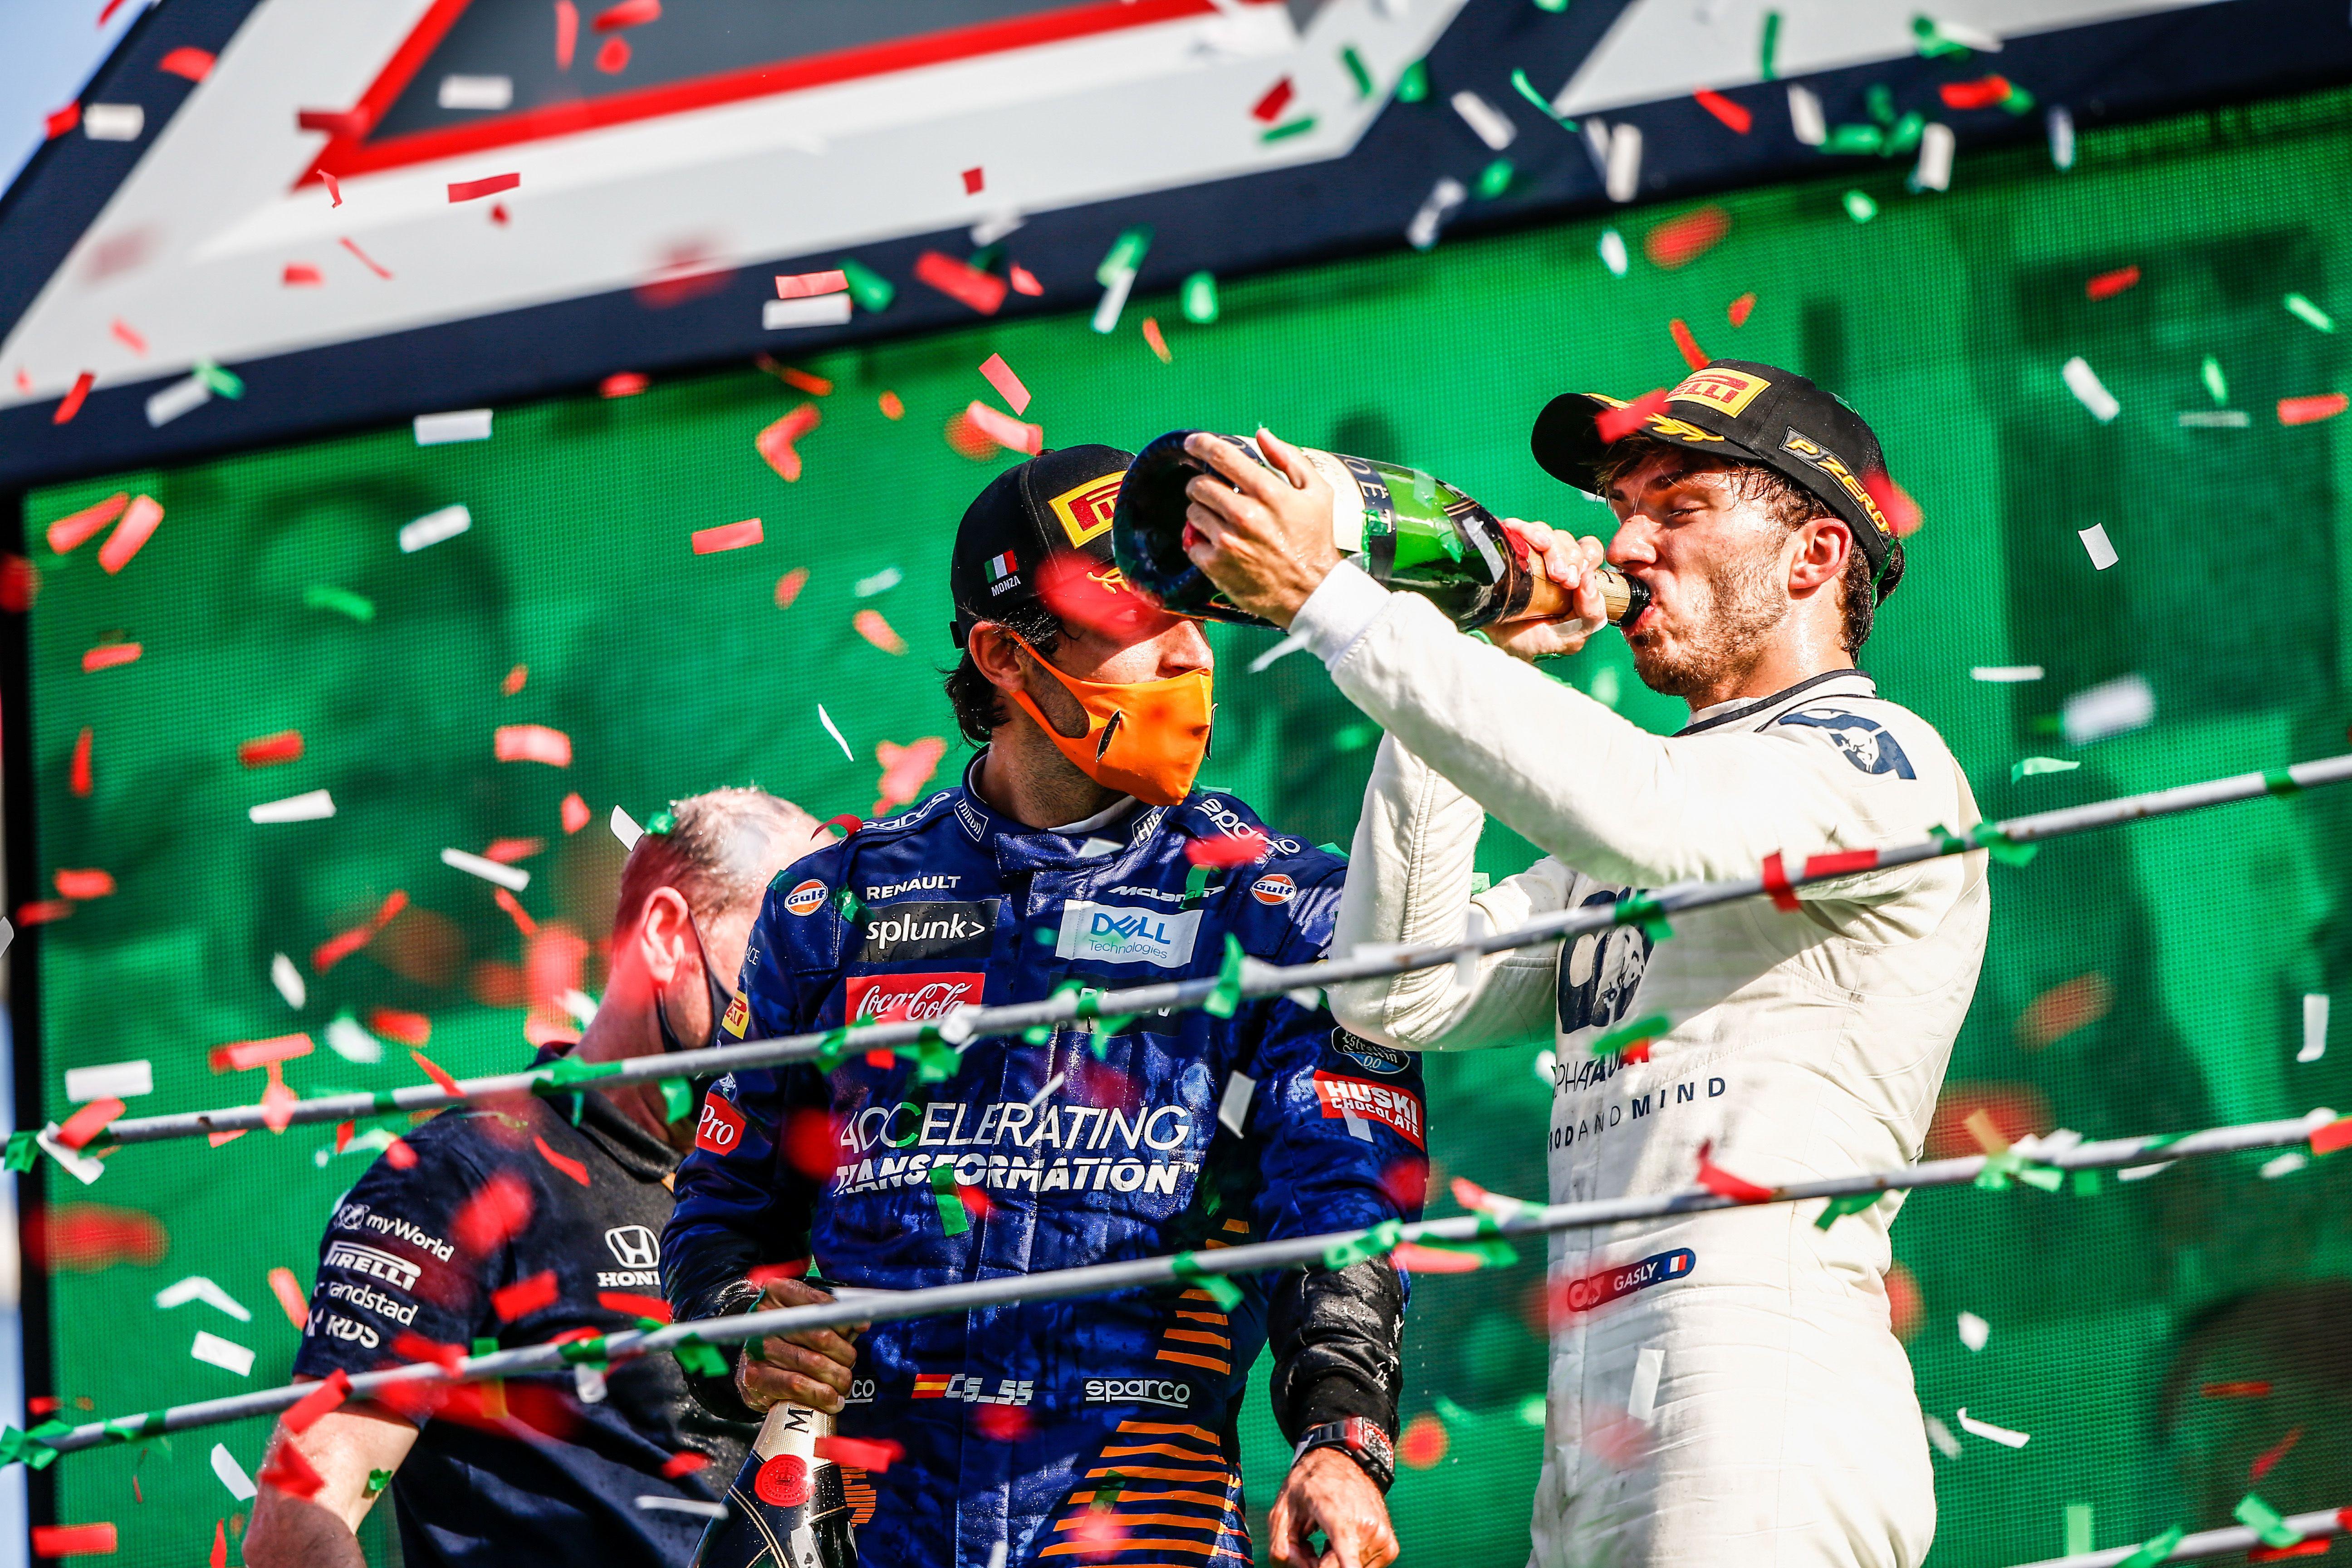 2021 Italian Grand Prix: Stats Preview